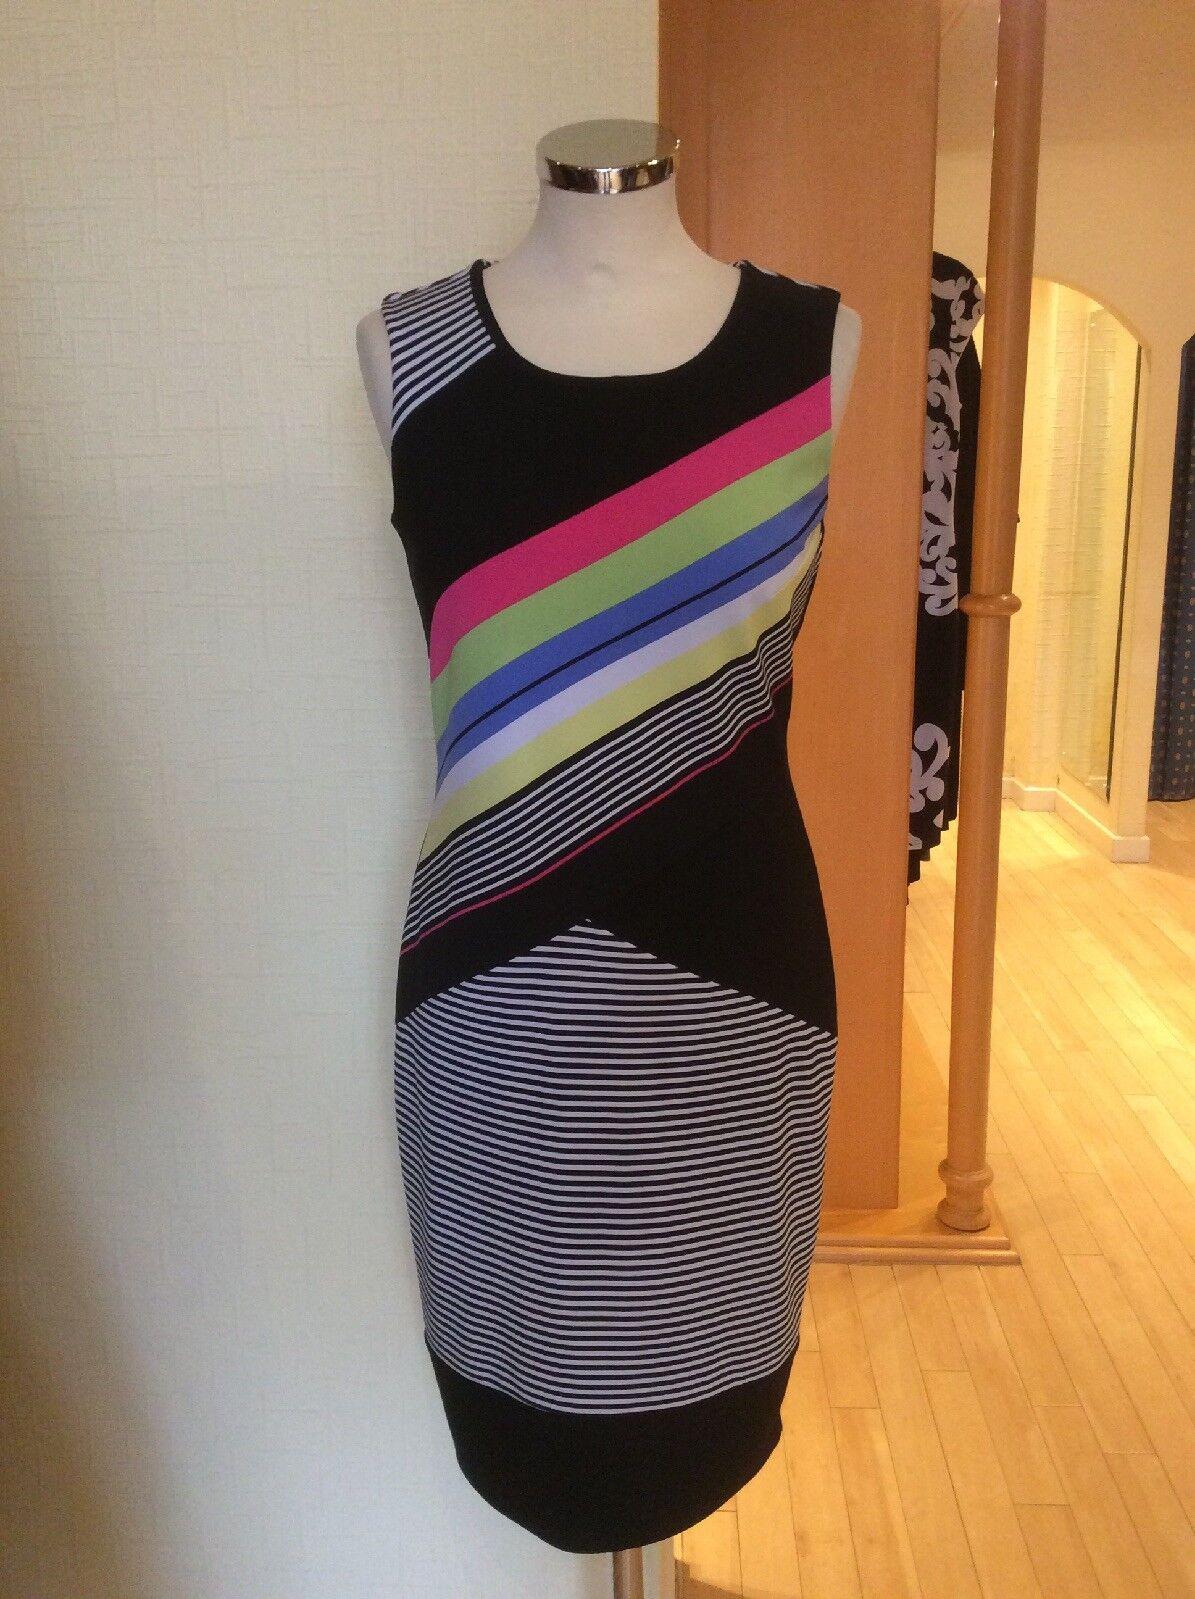 Picadilly Dress Größe XS 10 BNWT schwarz Rosa Grün Weiß Striped   Now